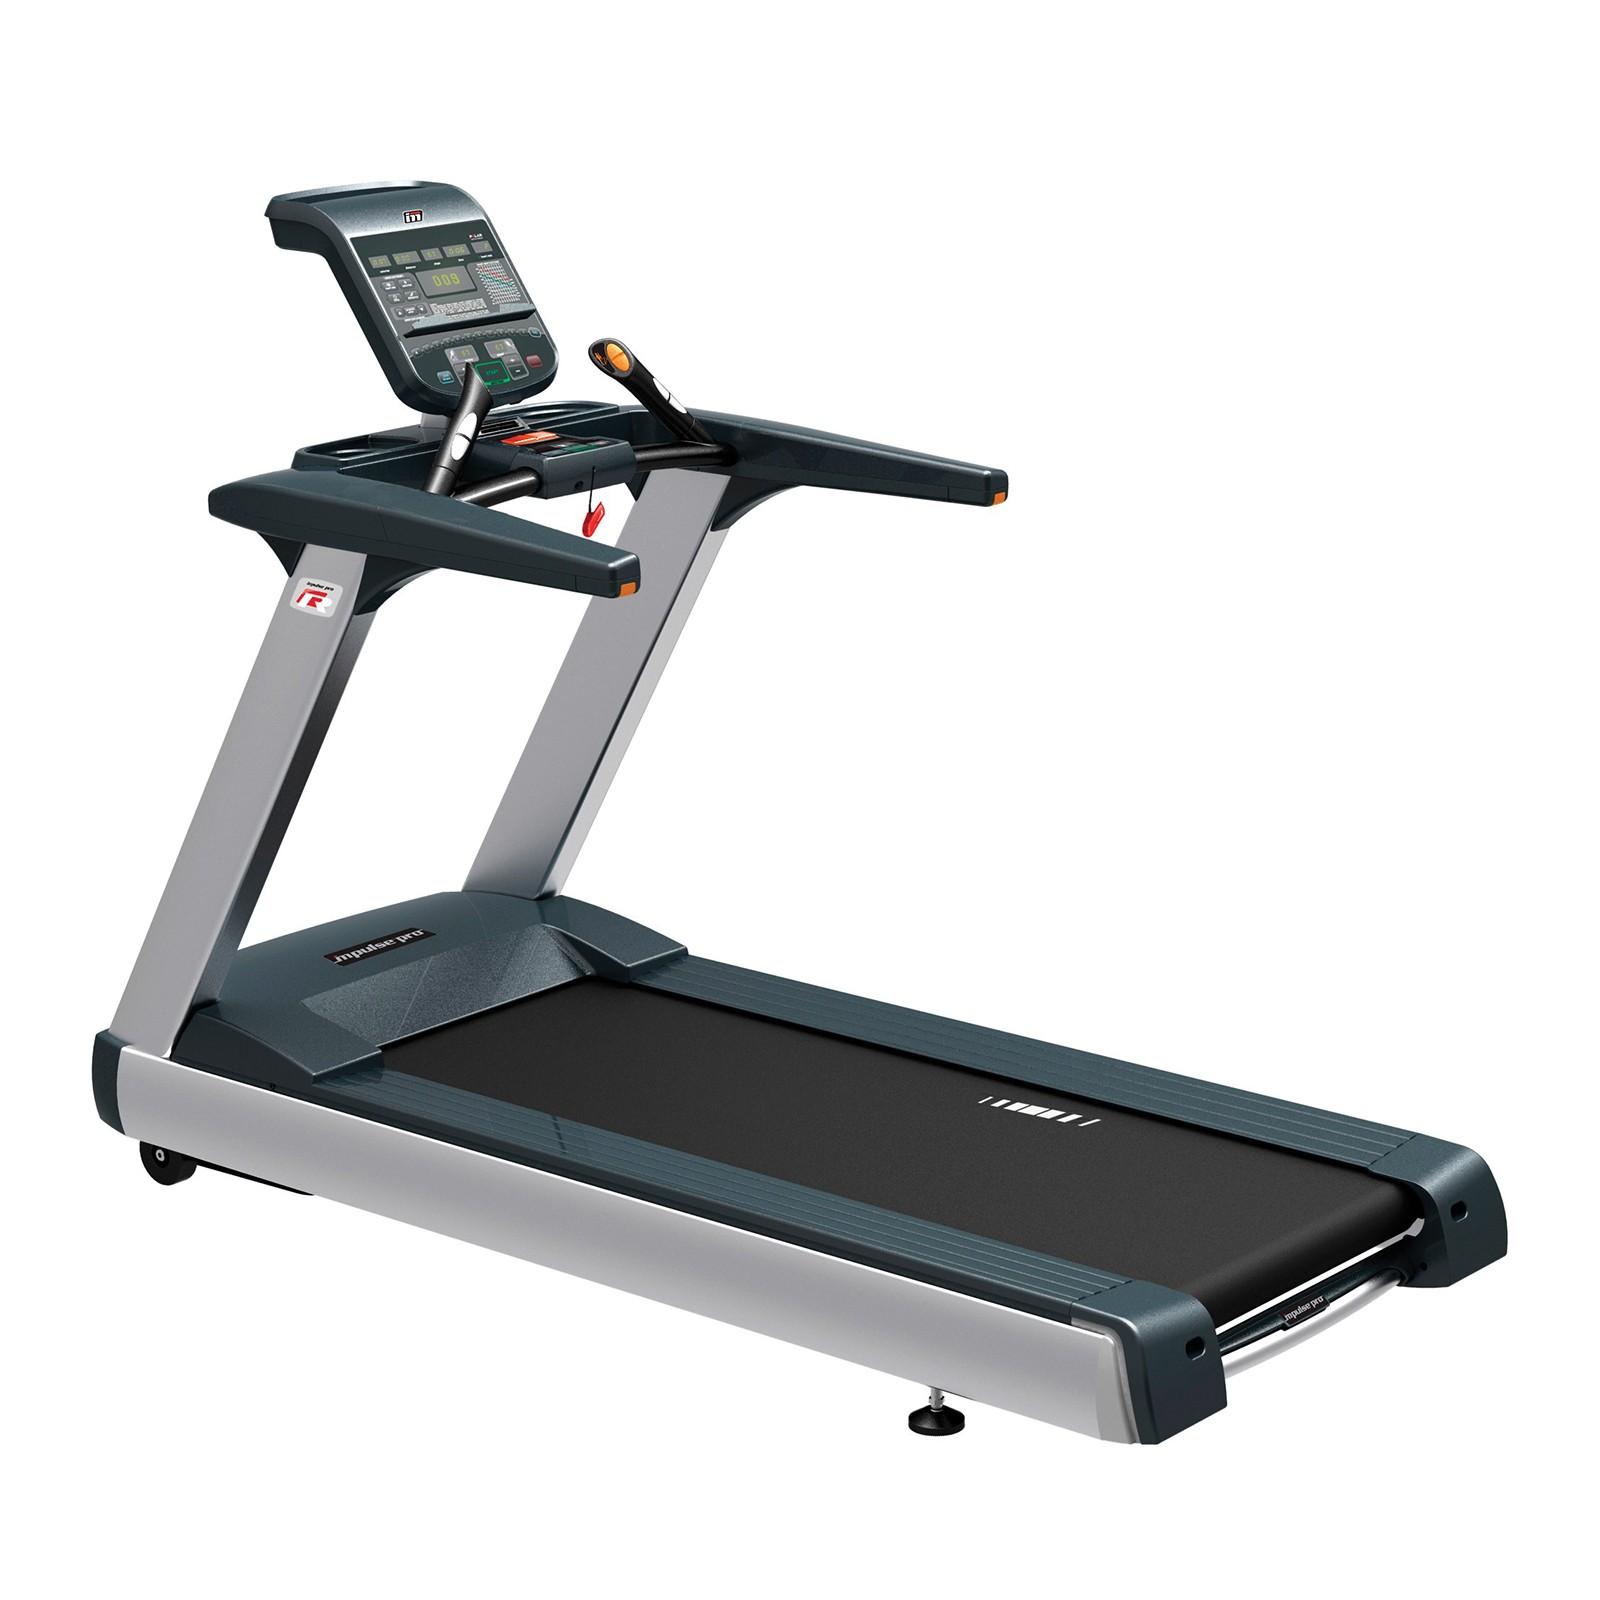 impulse rt700 treadmill - SỞ HỮU PHÒNG GYM MINI TẠI NHÀ VỚI 5 DỤNG CỤ PHÒNG TẬP PHỔ BIẾN